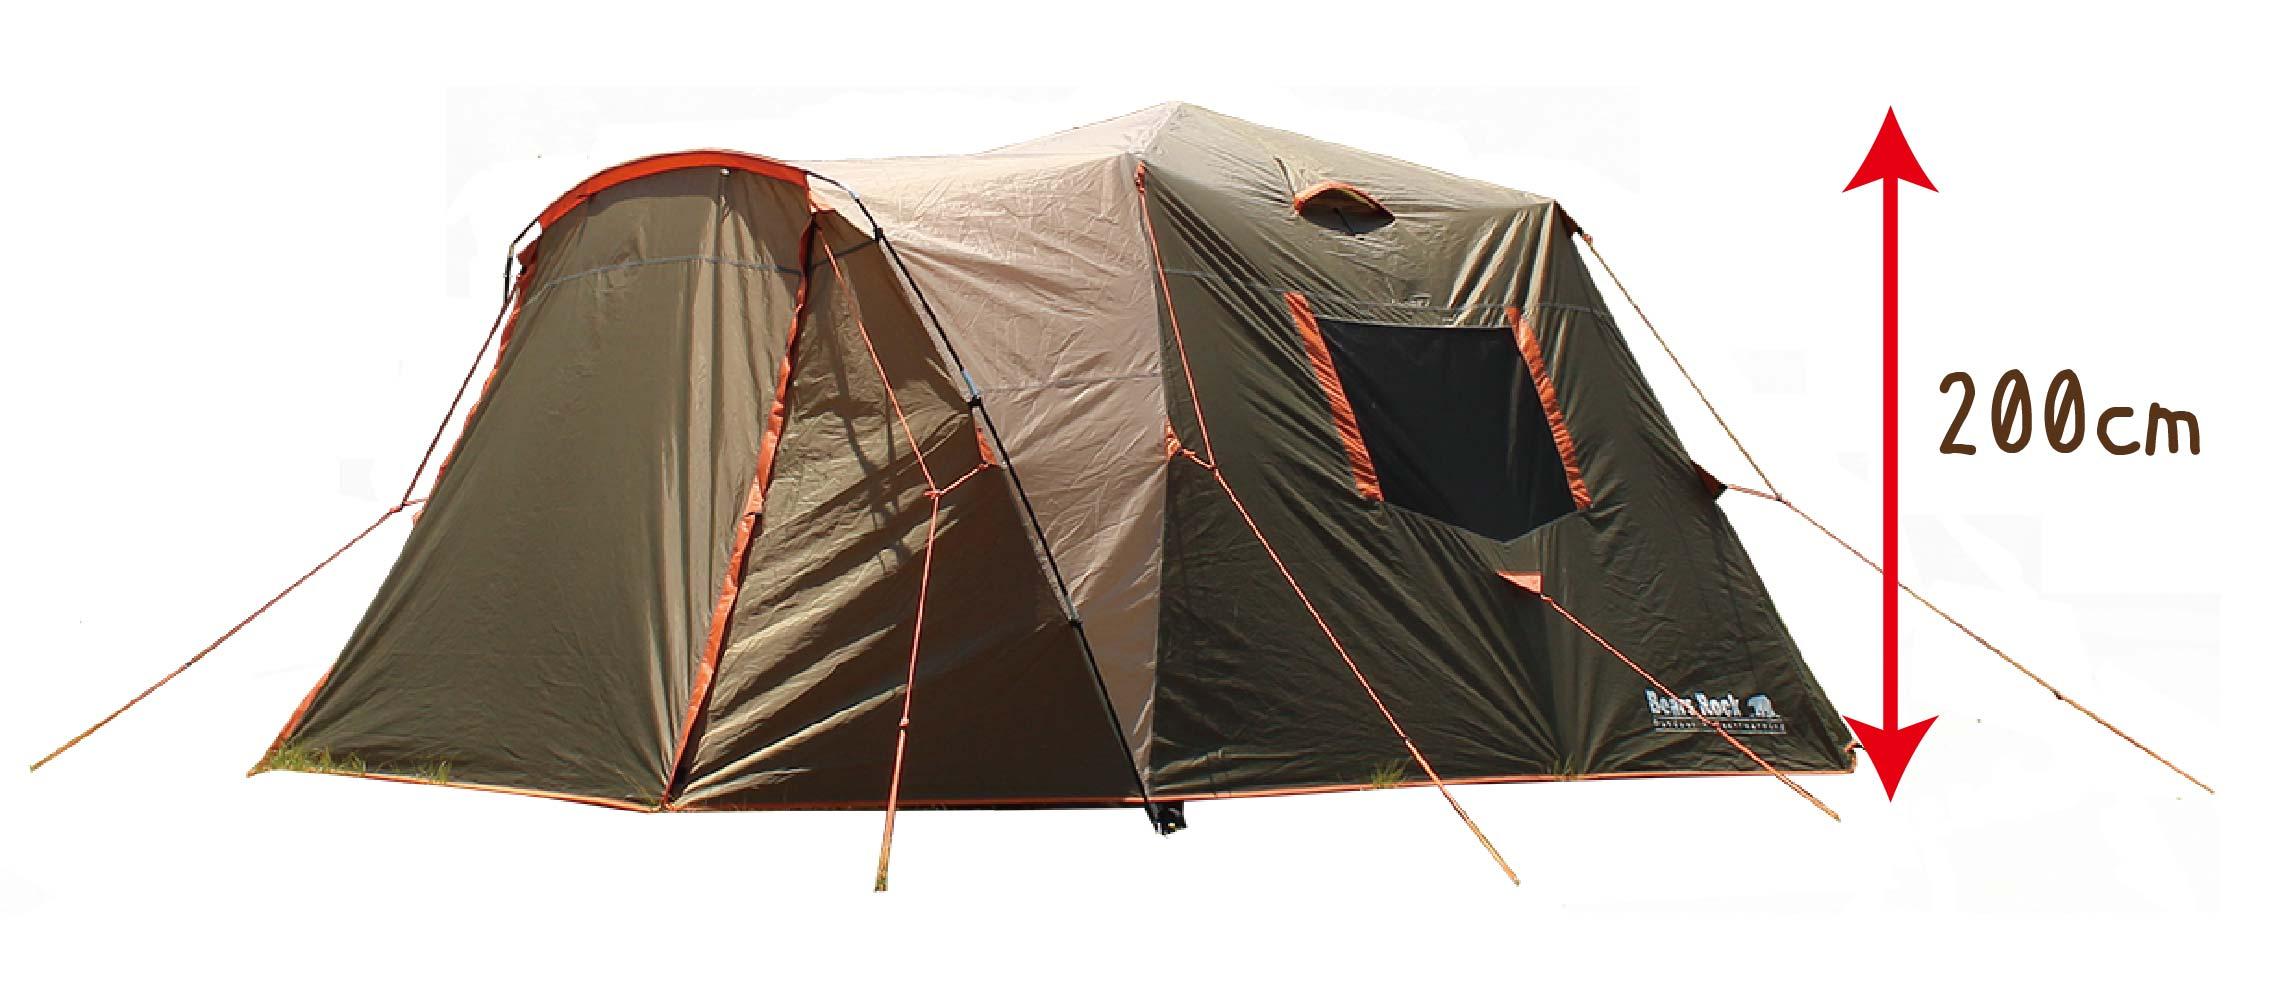 ワンタッチ式ドームテント (6人用ビッグベアテント)の写真